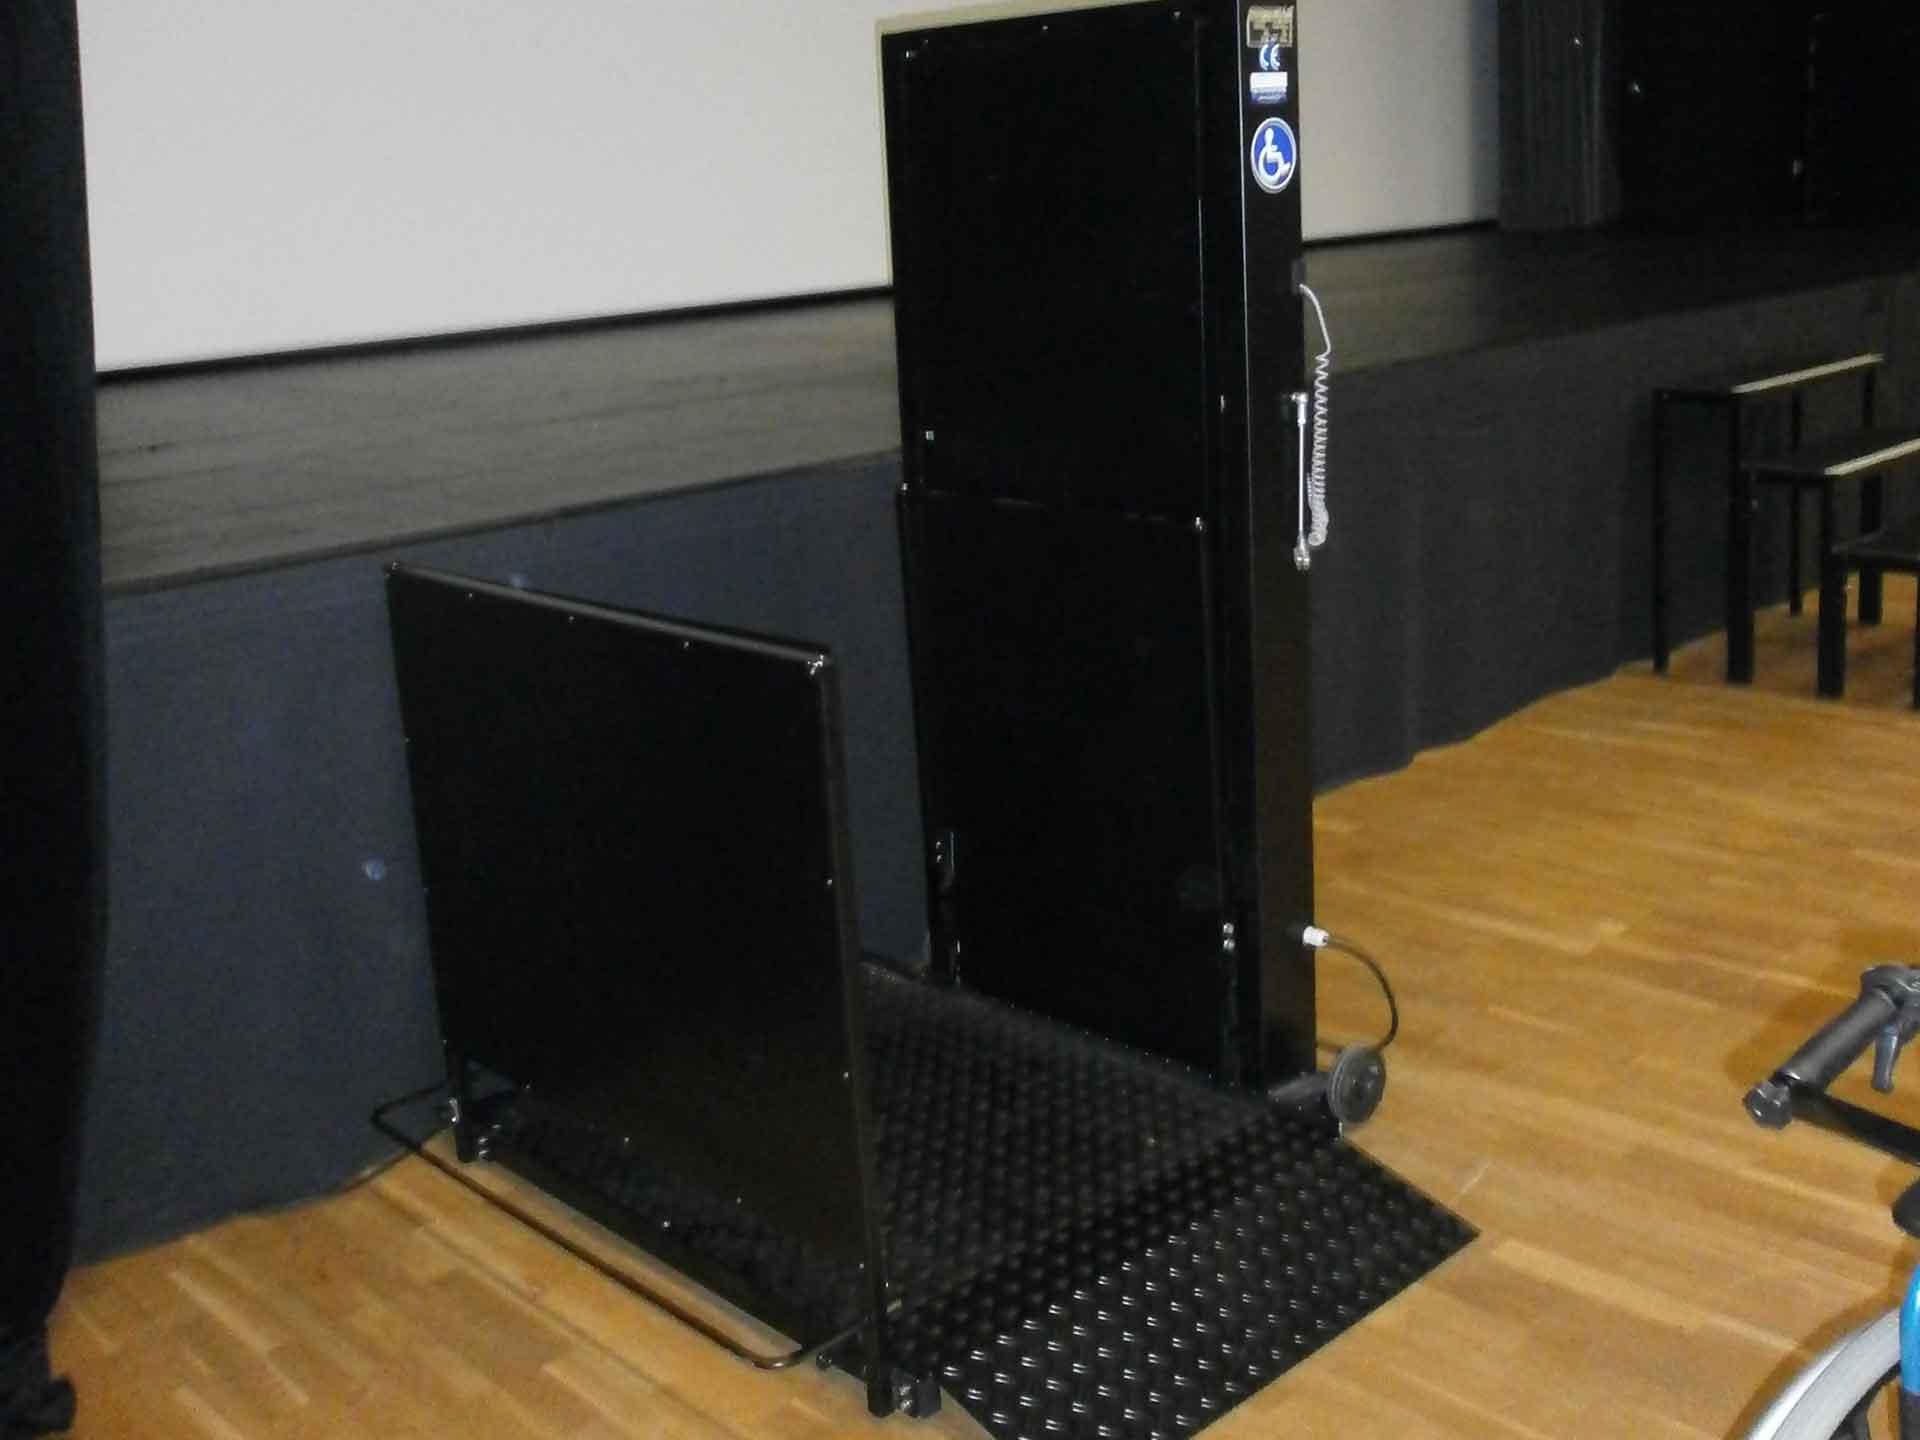 location-plateforme-elevatrice-electrique-orion-pmr-handicape ...